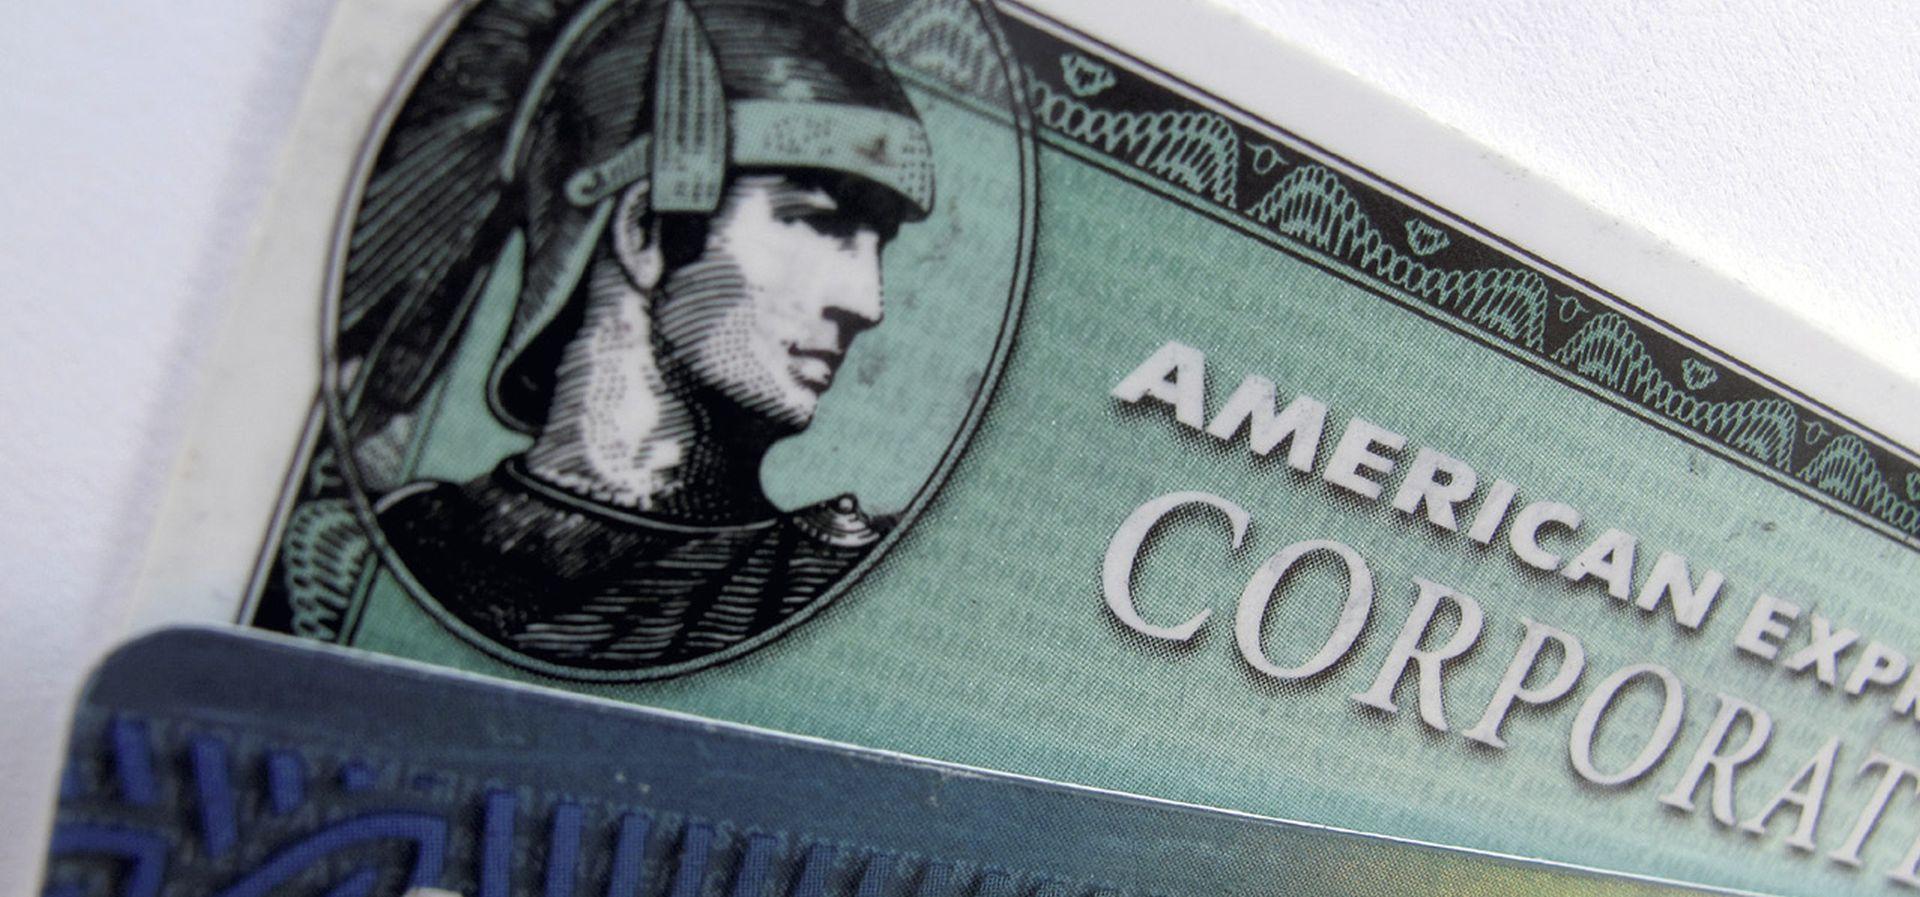 Kako banke i kartične kuće zarađuju milijune na prikrivenim konverzijama